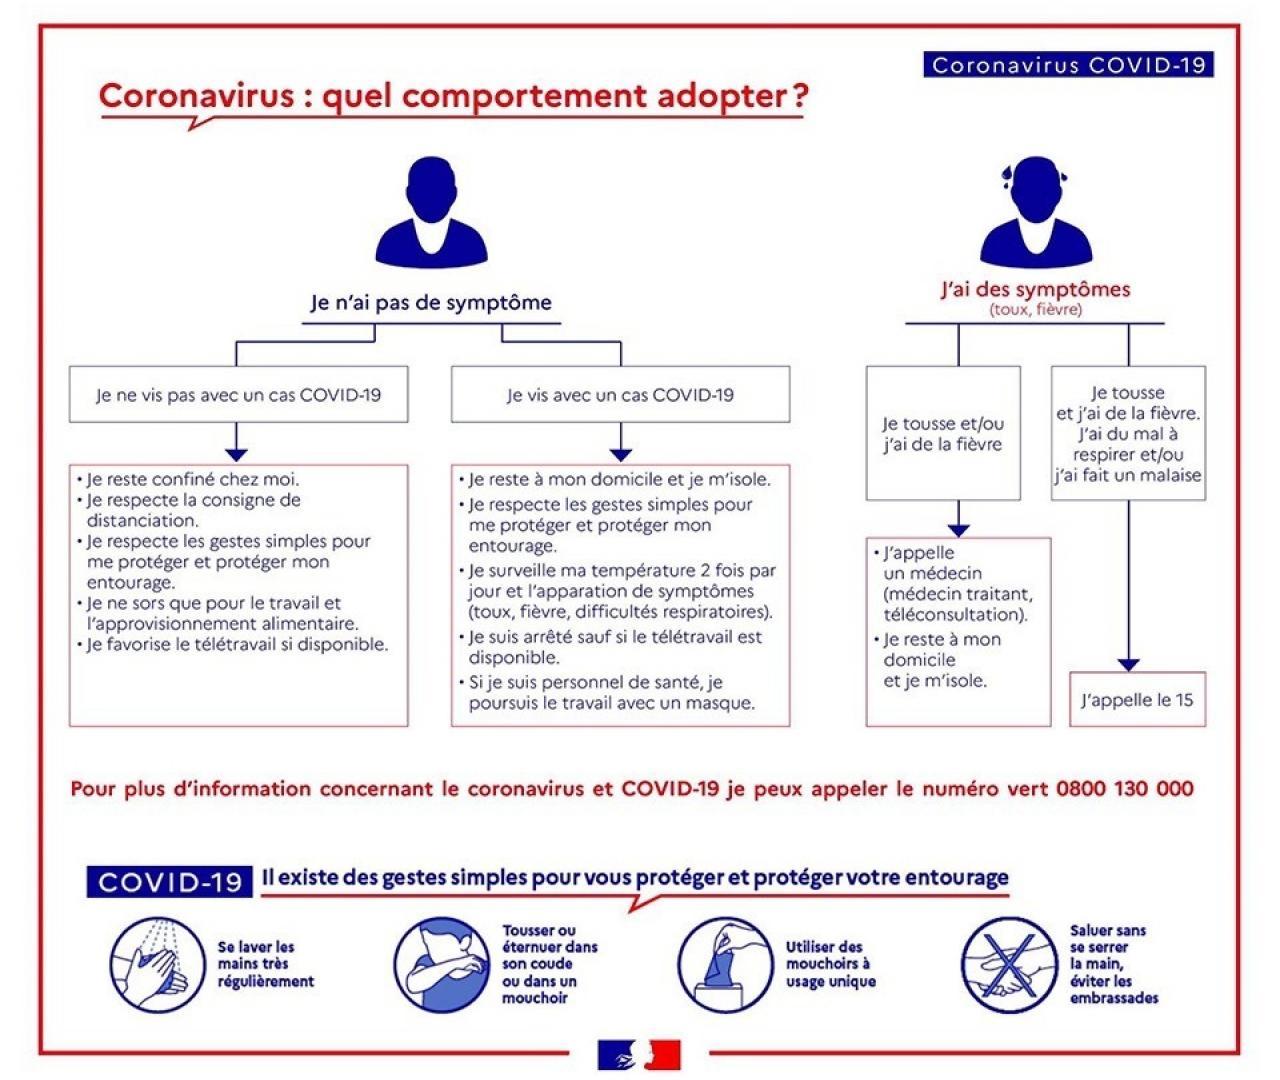 COVID-19 COMPORTEMENT